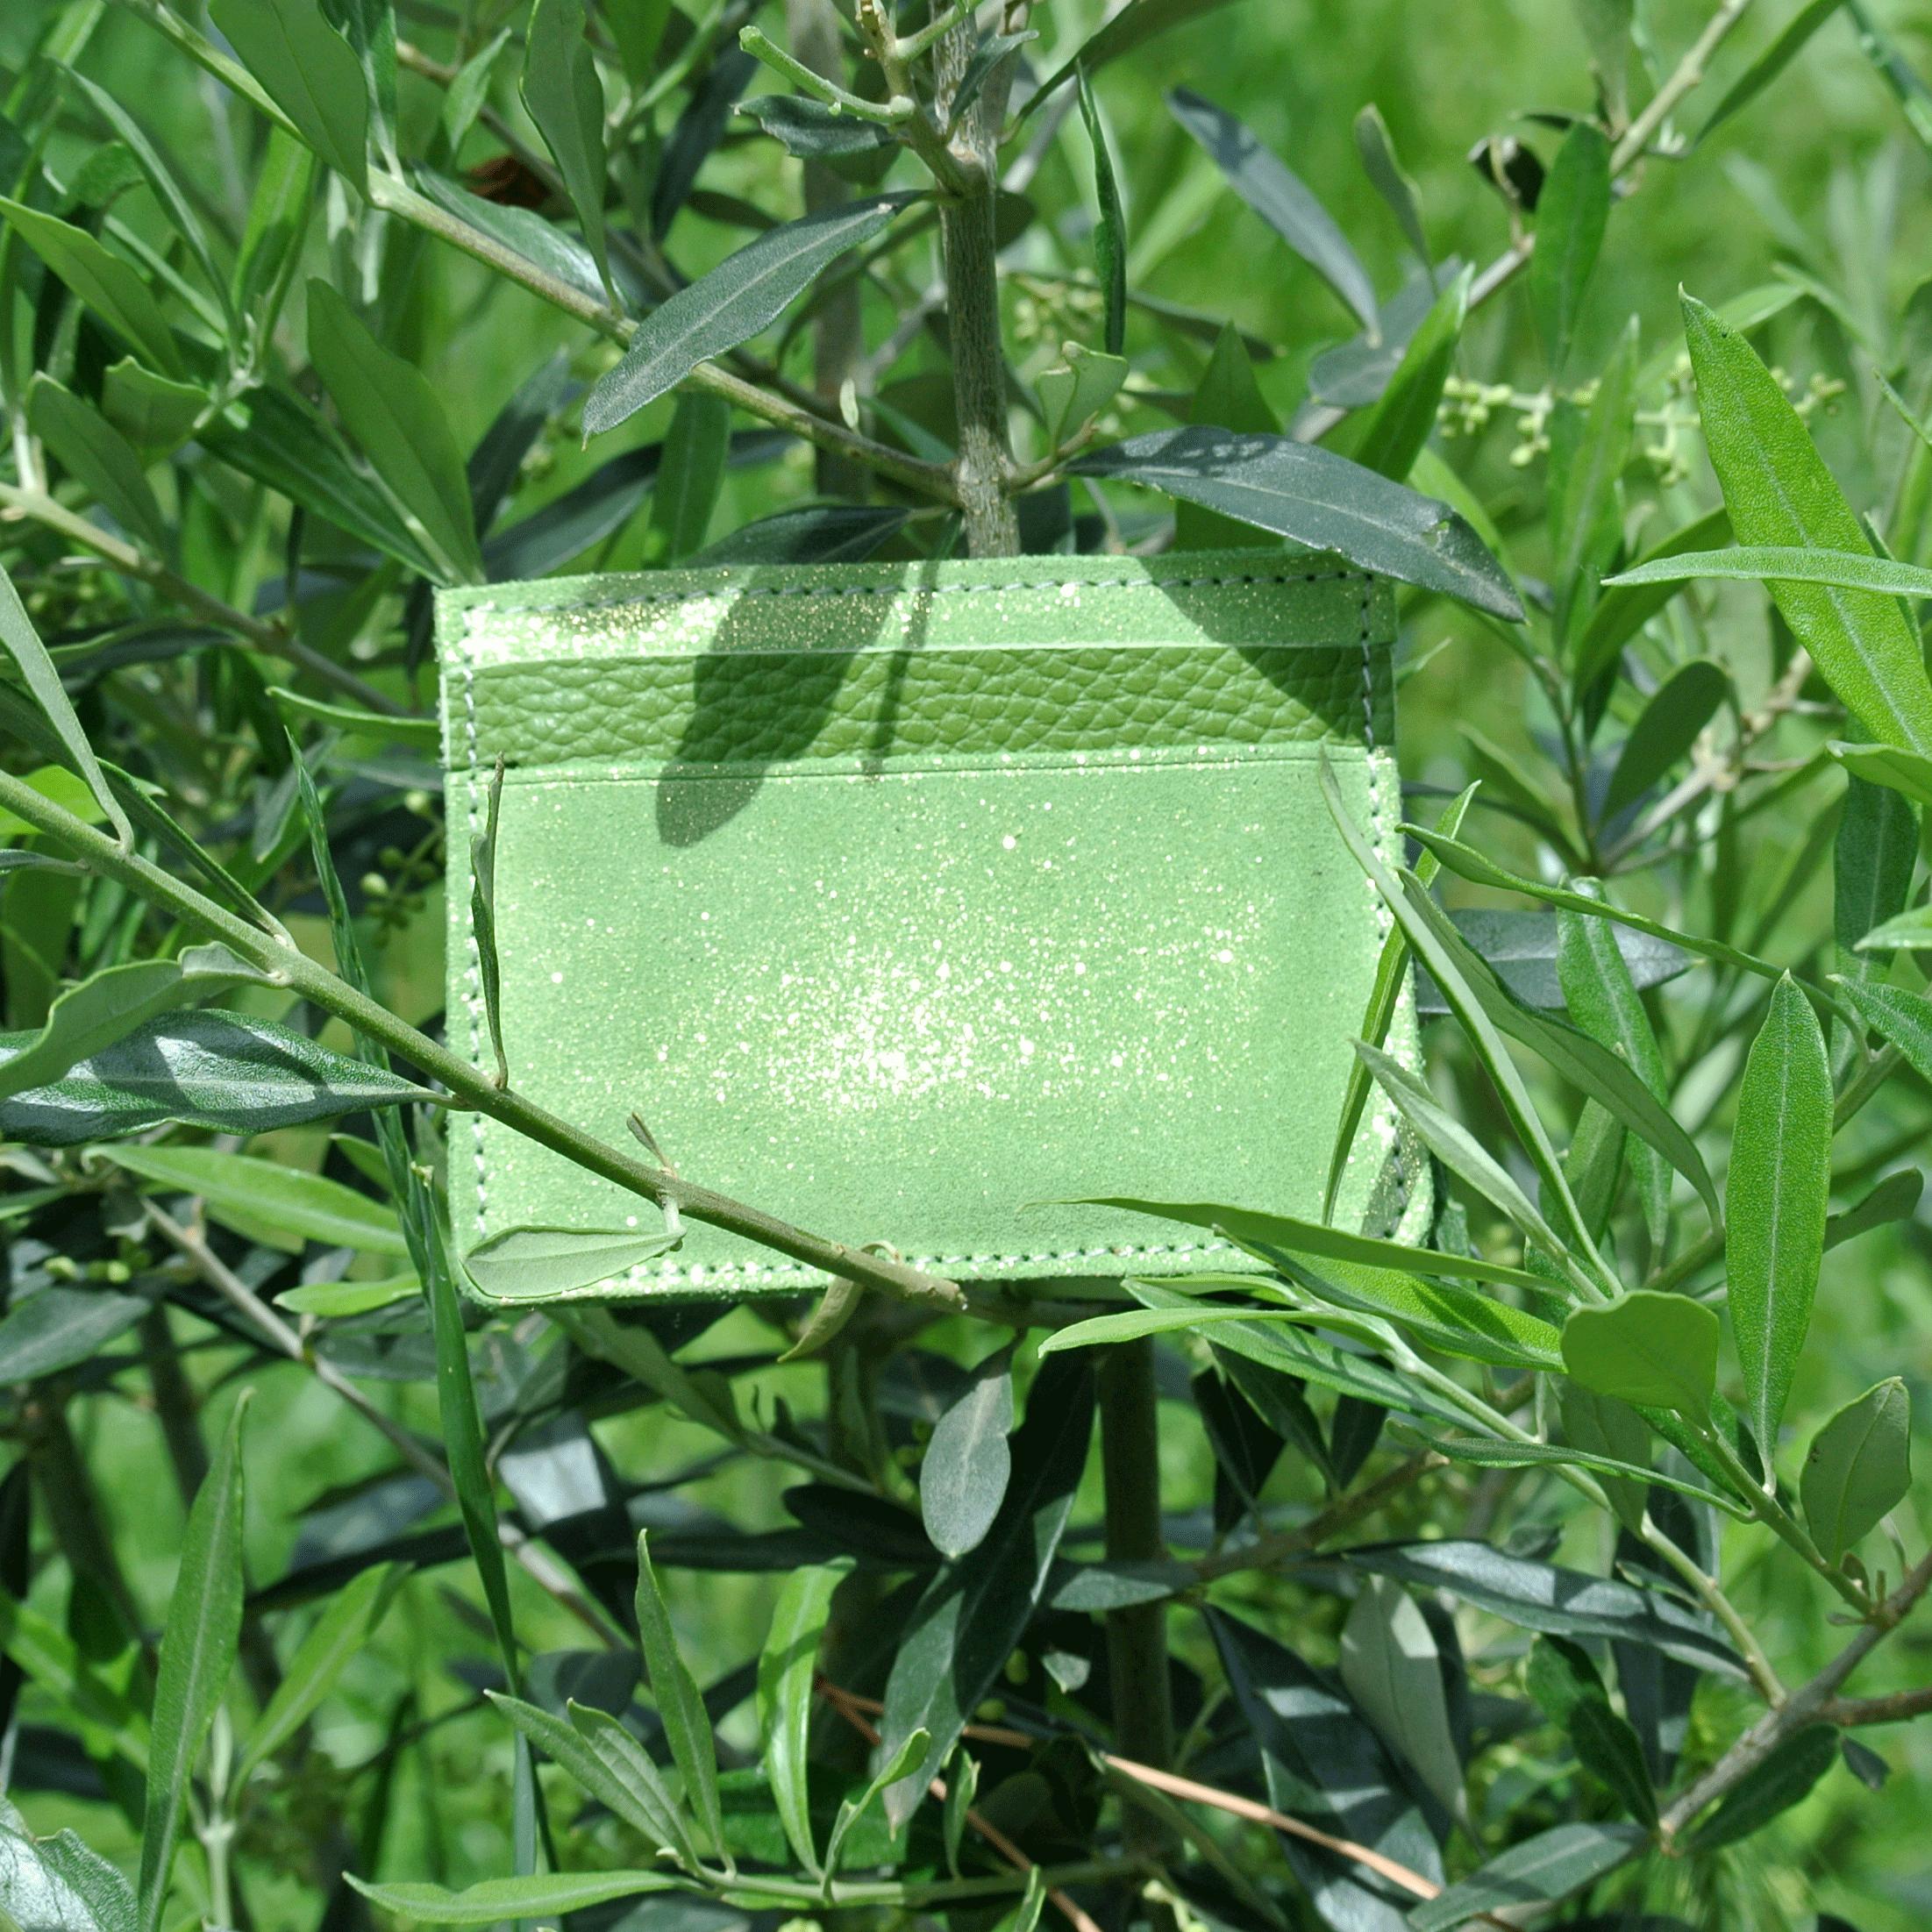 cuirs-pailletés-cuirs-fantaisies-fabriqué-en-france-la-cartabliere-etui-carte-triple-cuir-paillete-vert-pistache